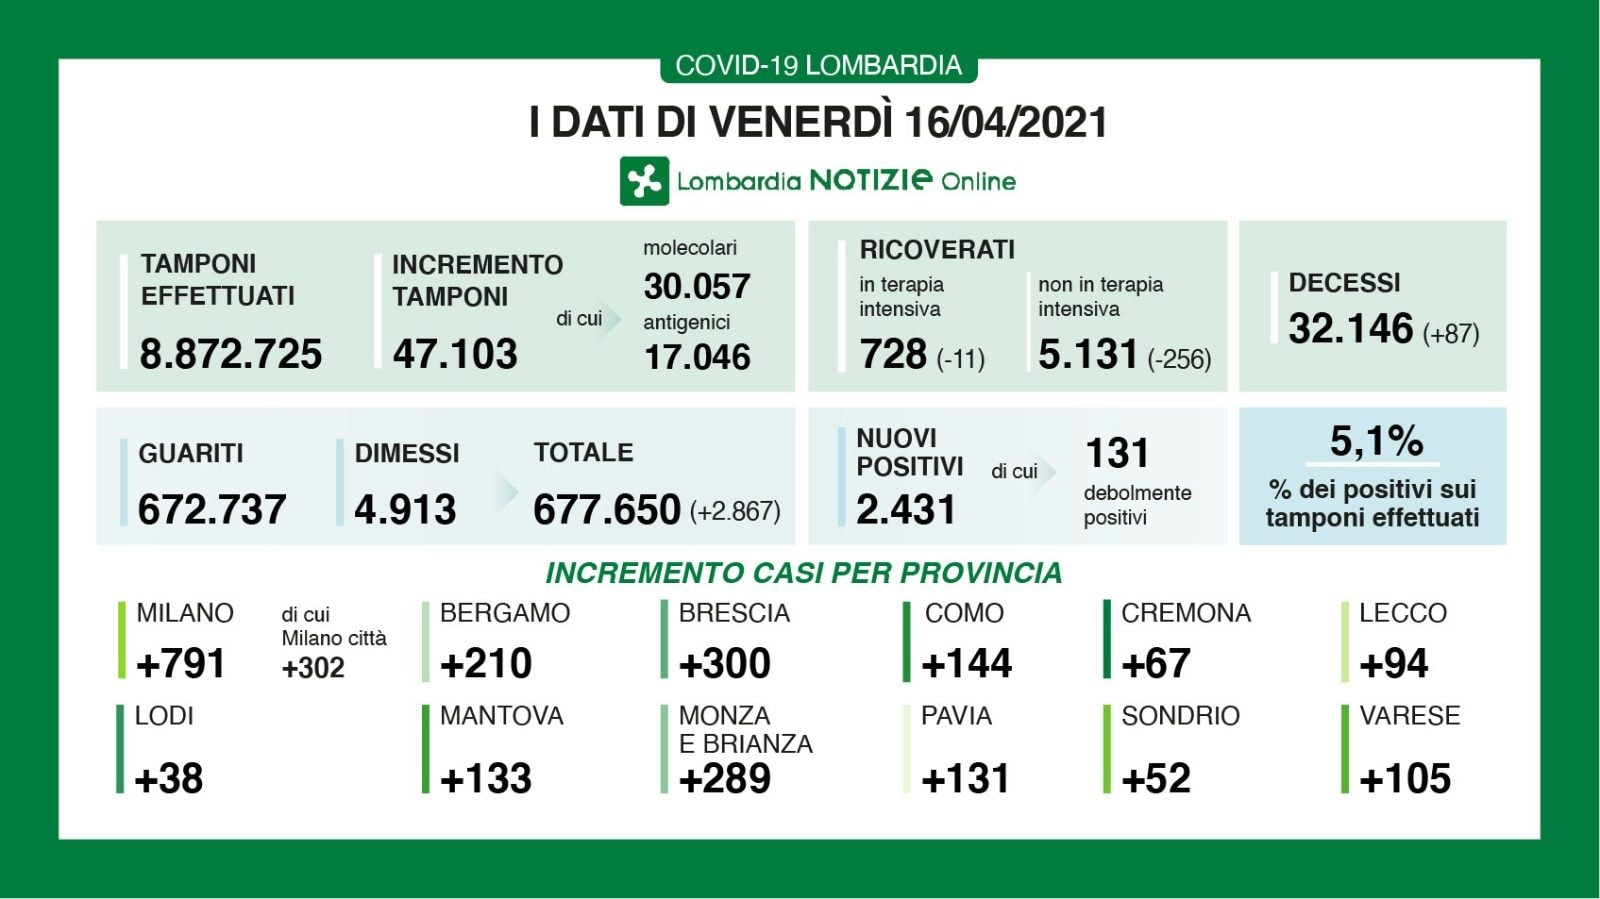 Covid Lombardia, oggi 2.431 contagi e 87 morti: dati 16 aprile